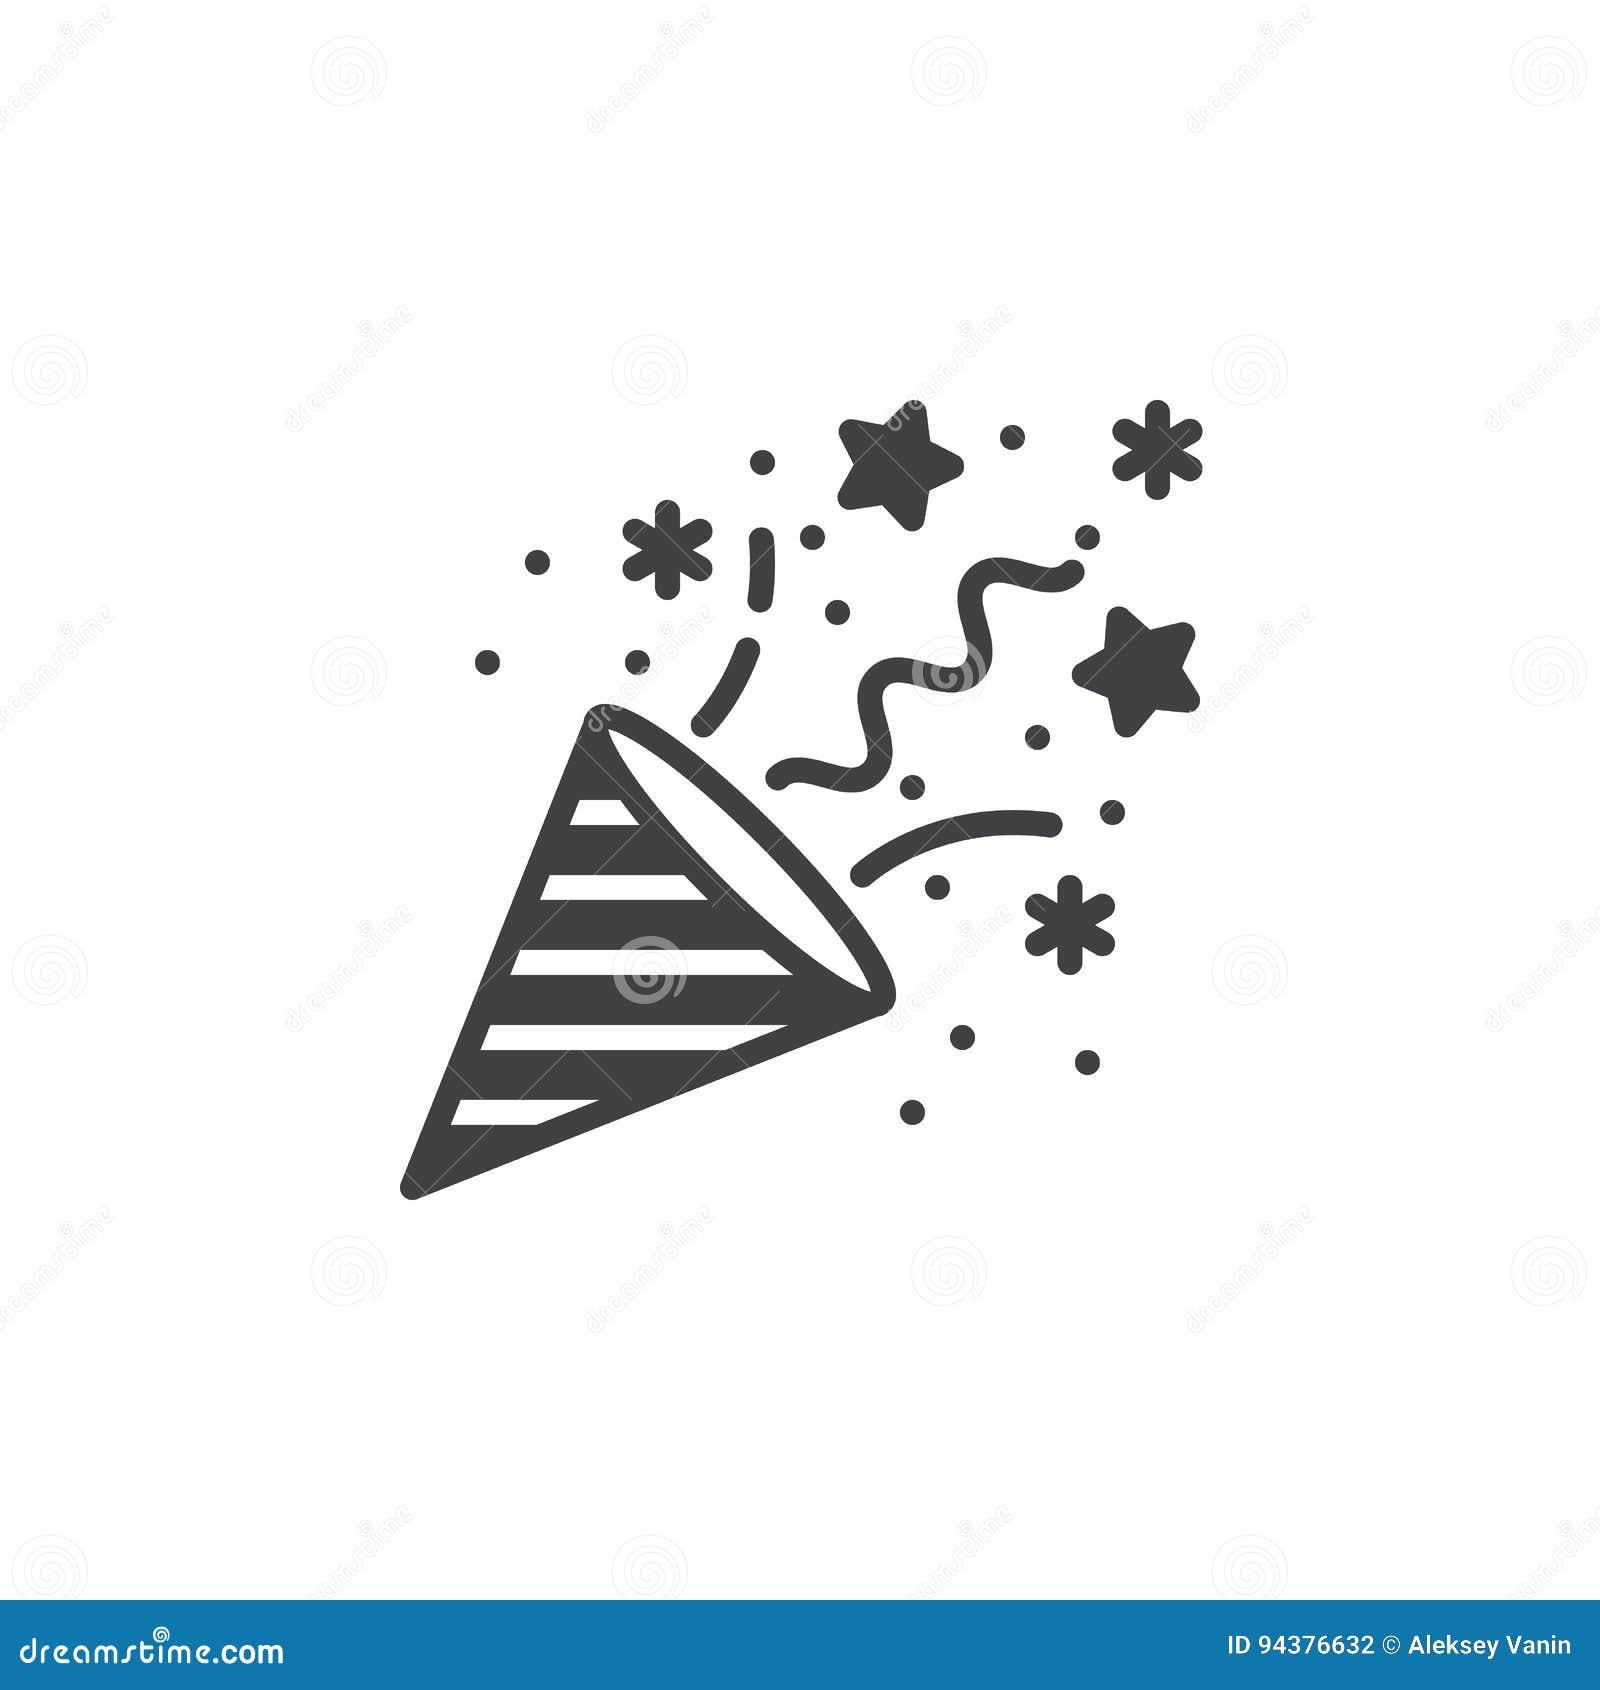 Vektor för konfettipopcornapparatsymbol, fyllt plant tecken, fast pictogram I